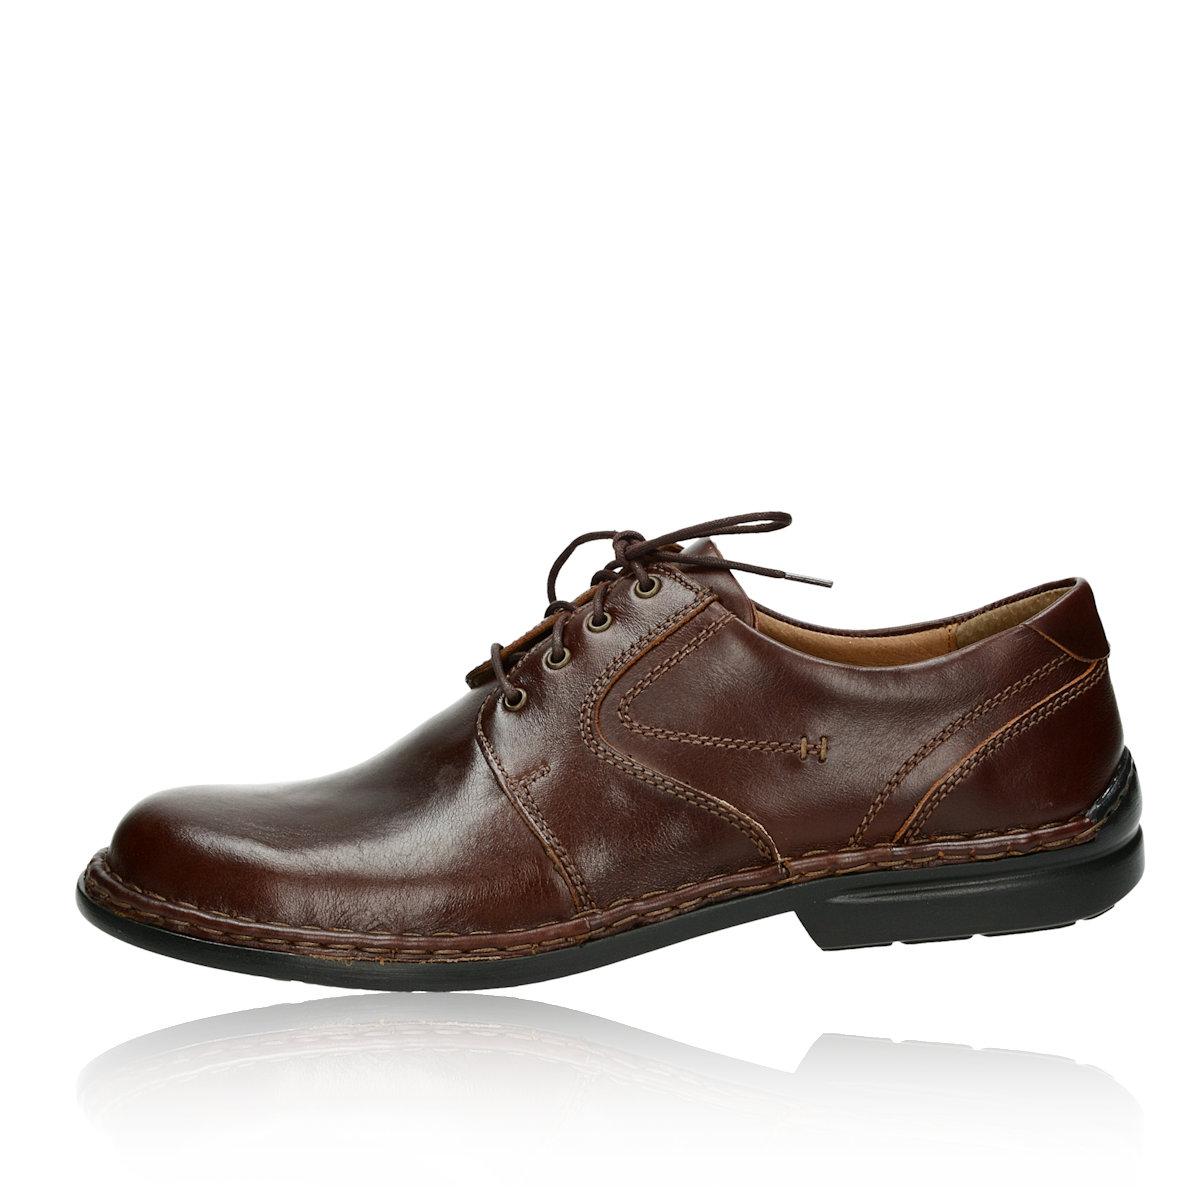 21dfee5b3 Josef Seibel pánske topánky - hnedé Josef Seibel pánske topánky - hnedé ...